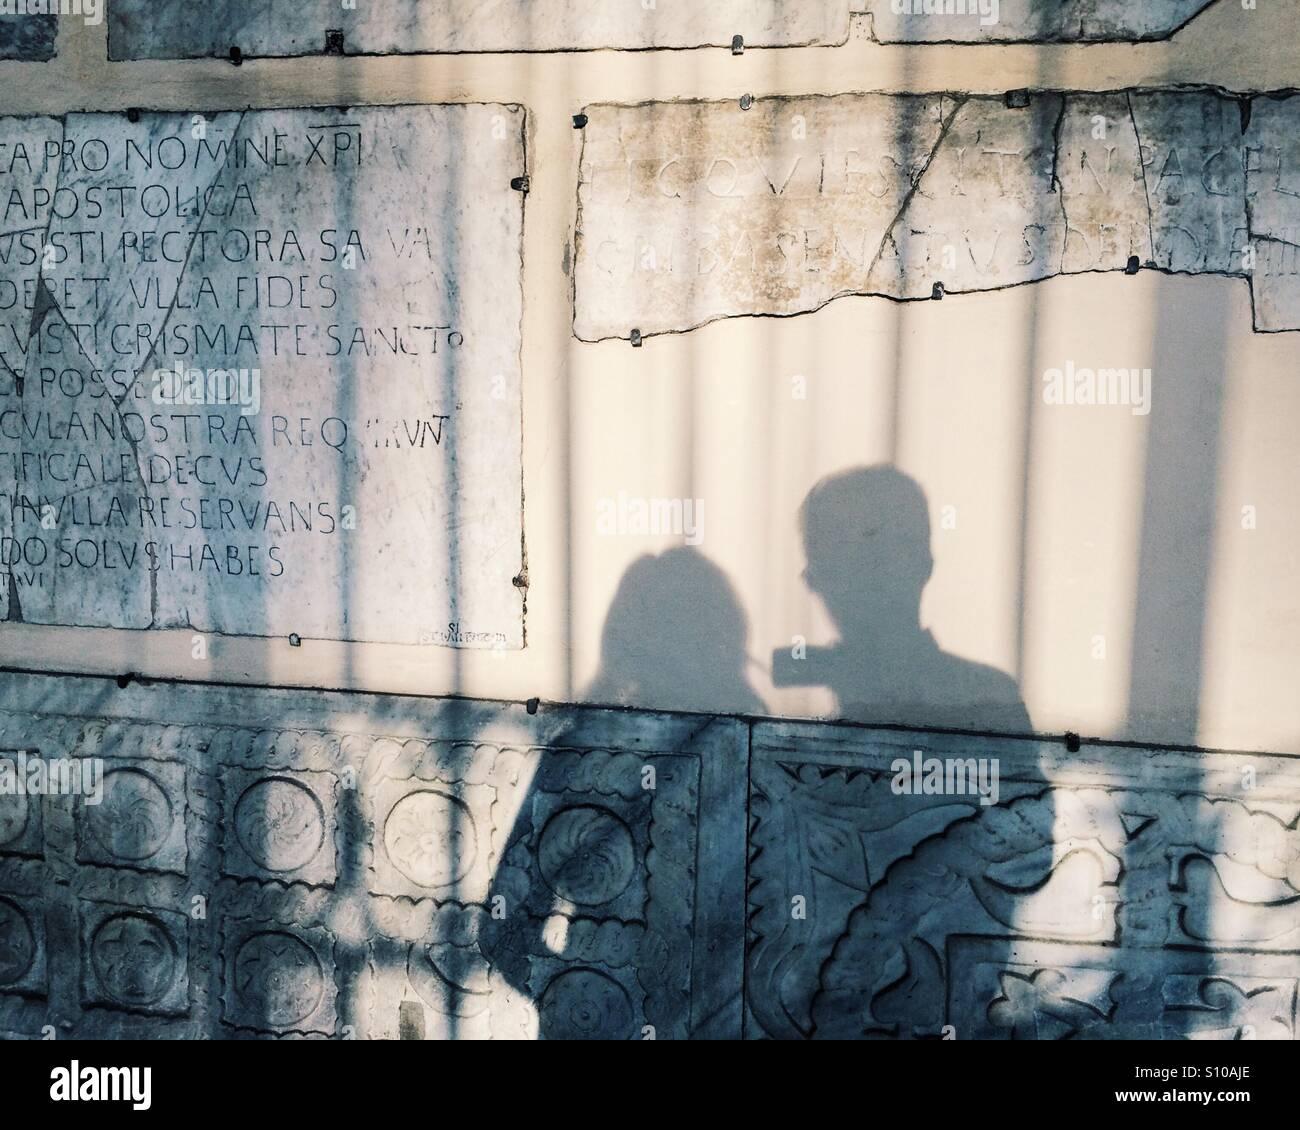 Schatten von ein paar im Urlaub in Rom, Italien, mit Abendlicht und Fragmente des antiken Roms in Trastevere. Stockbild